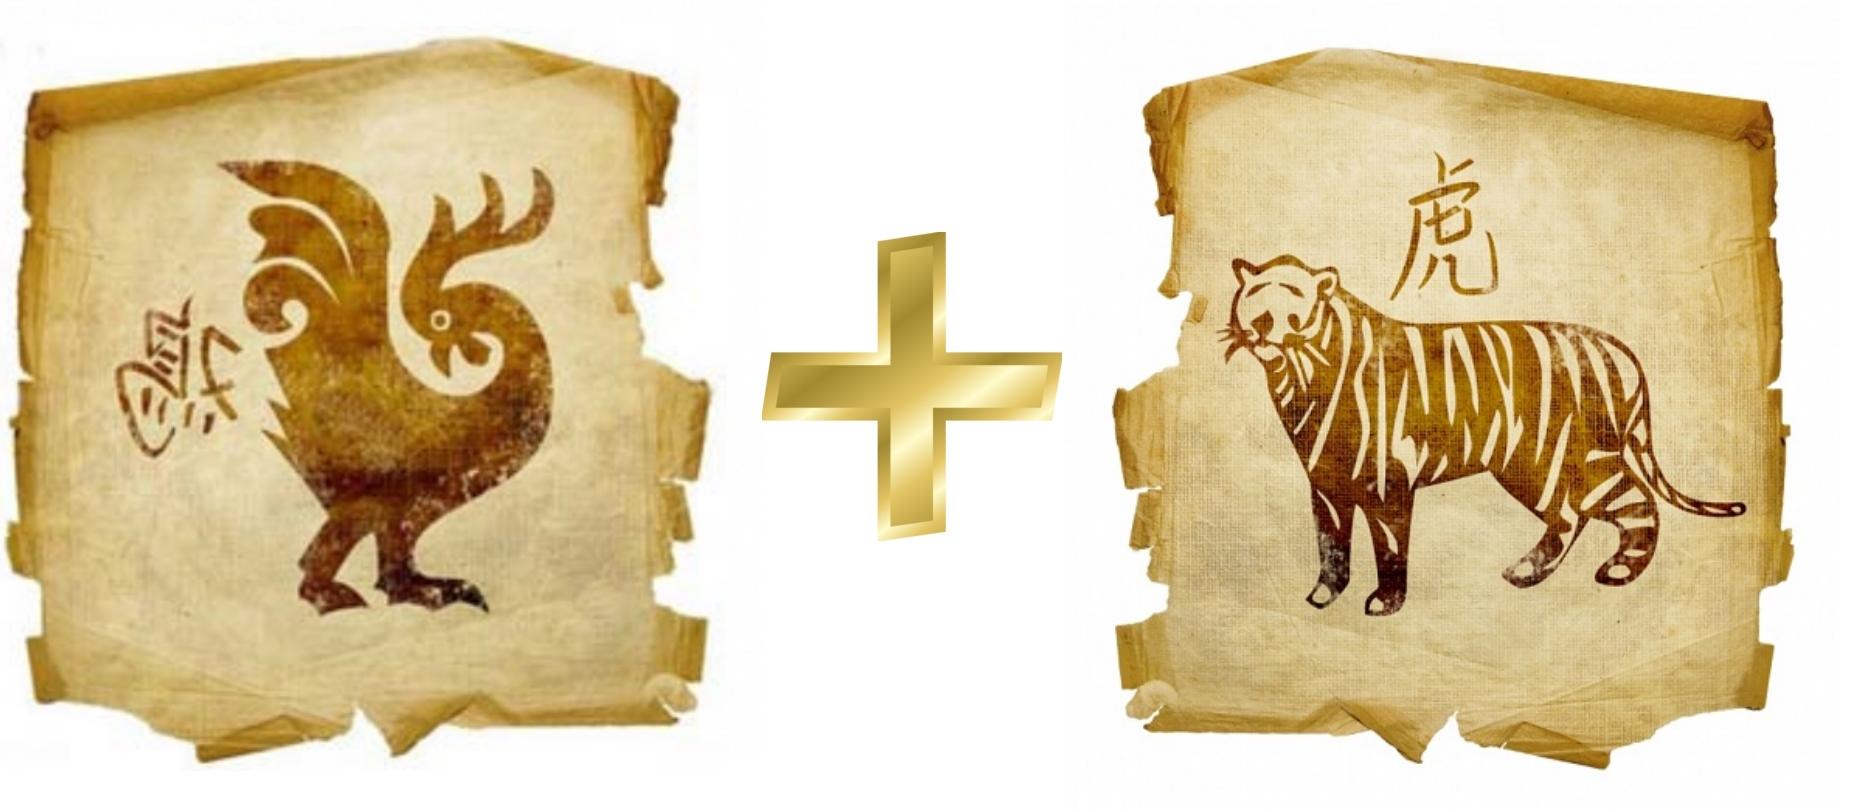 Петух и тигр: Гороскоп любовной совместимости по знакам